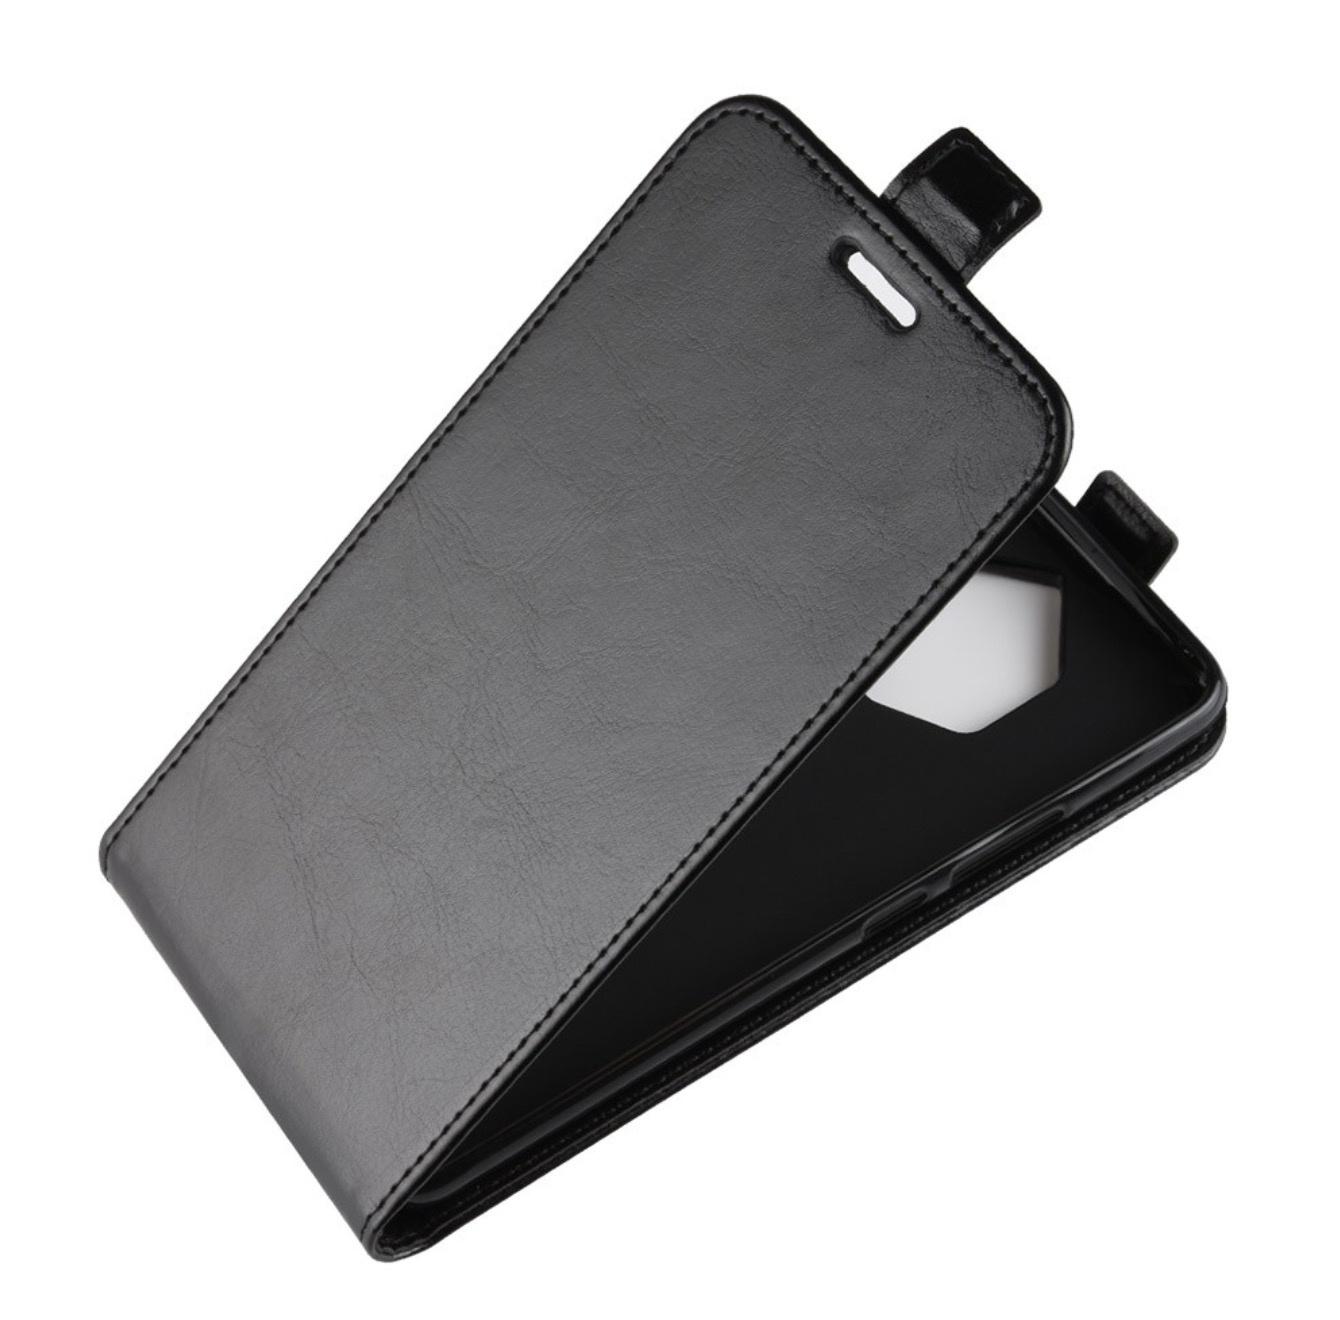 Чехол-флип MyPads для Highscreen Zera F вертикальный откидной черный